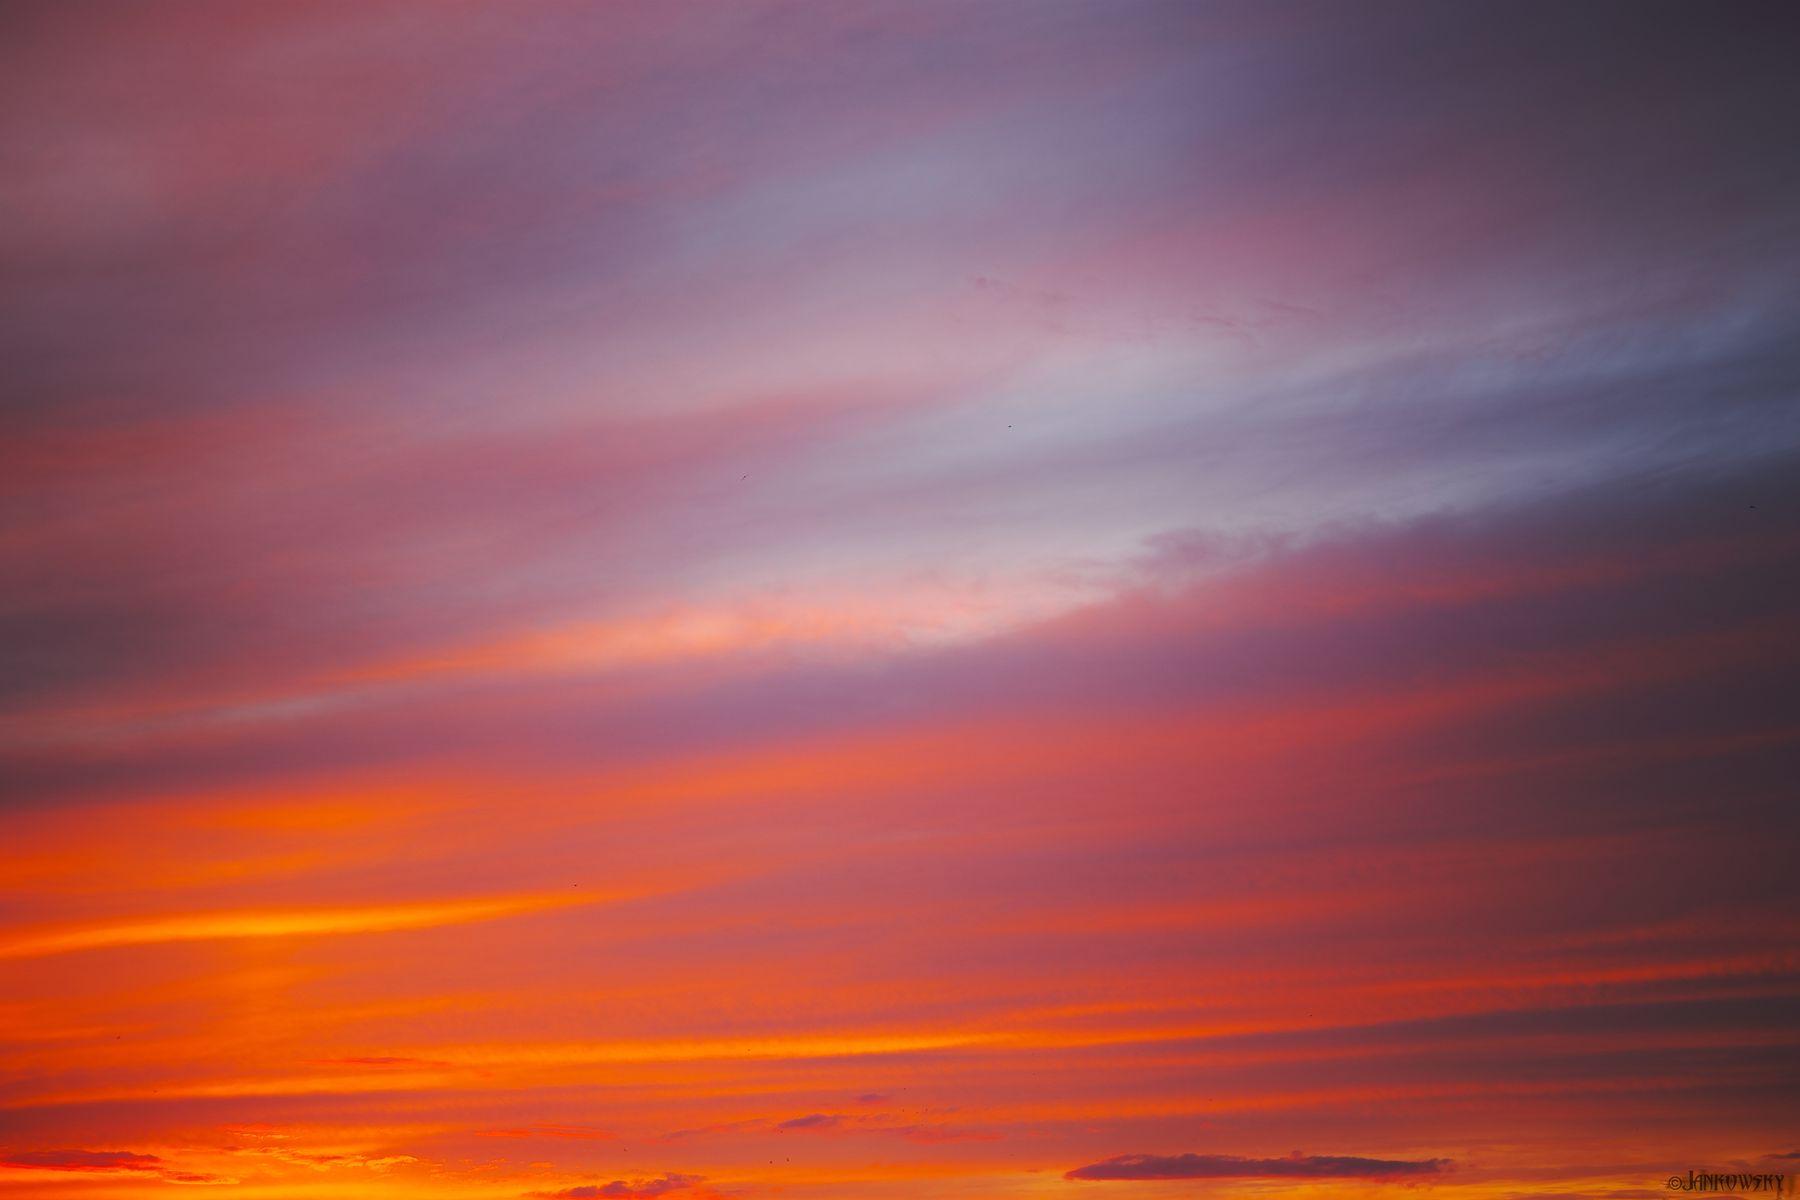 Foveon-безумие омского неба 10.06.21 Sigma DP3 Quattro Foveon цветопередача градиент омск небо закатное краски все оттенки розовый оранжевый